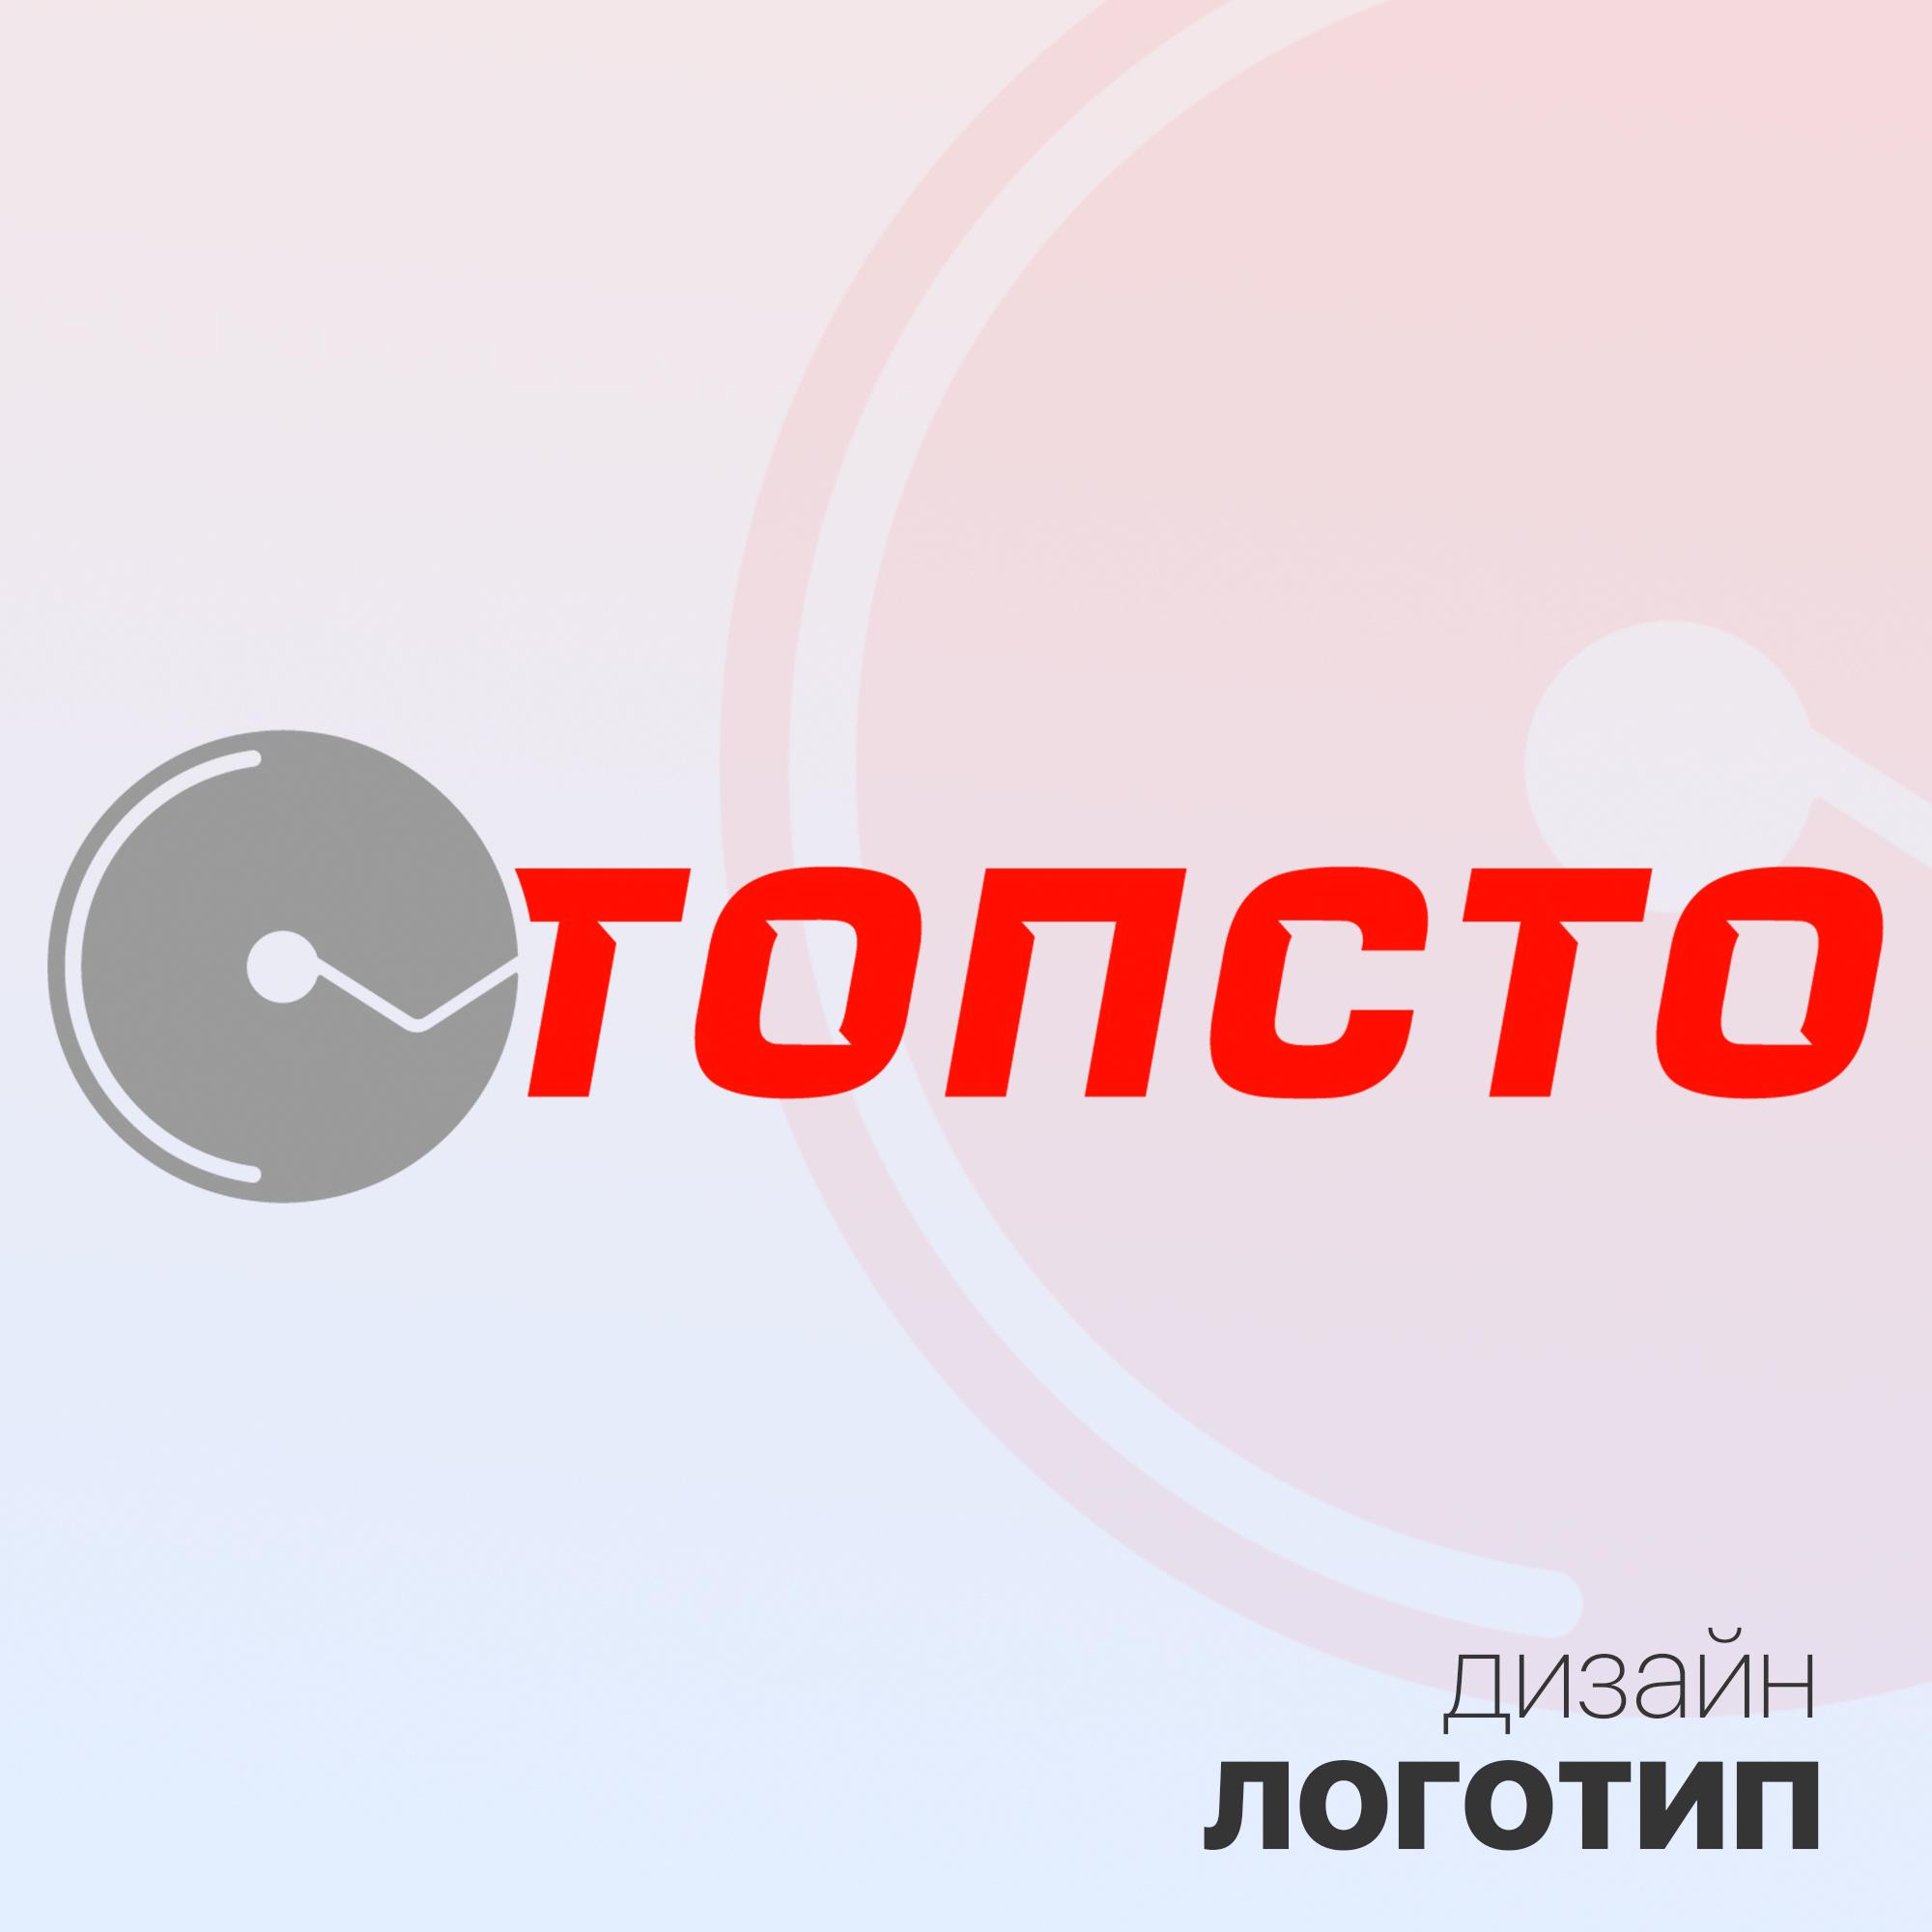 dimtiks-portfolio-8